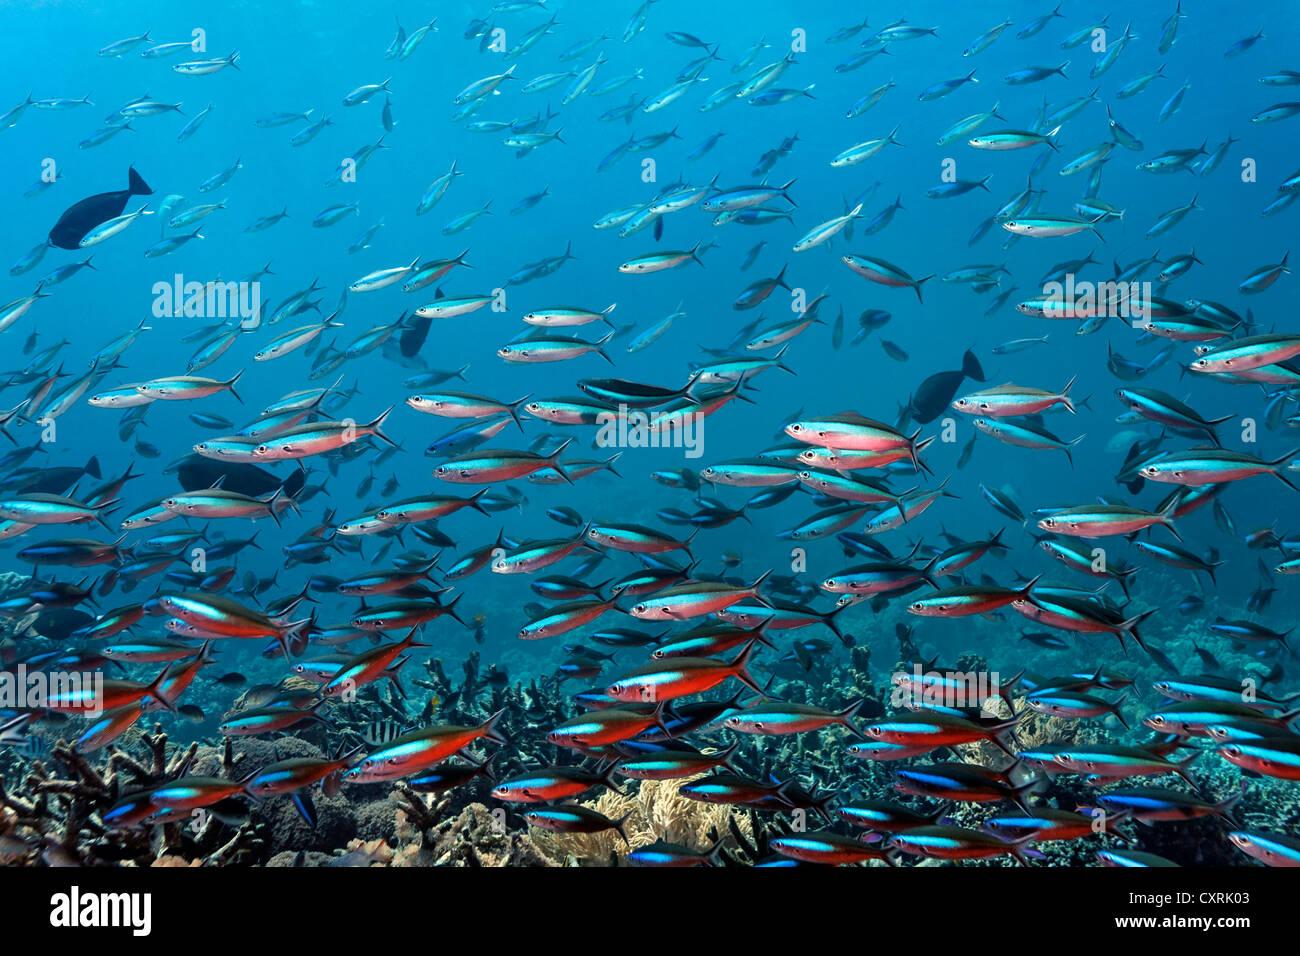 Secca di dark-nastrare fusiliers (Pterocaesio tile), nuoto su una scogliera di corallo, della Grande Barriera Corallina, Immagini Stock